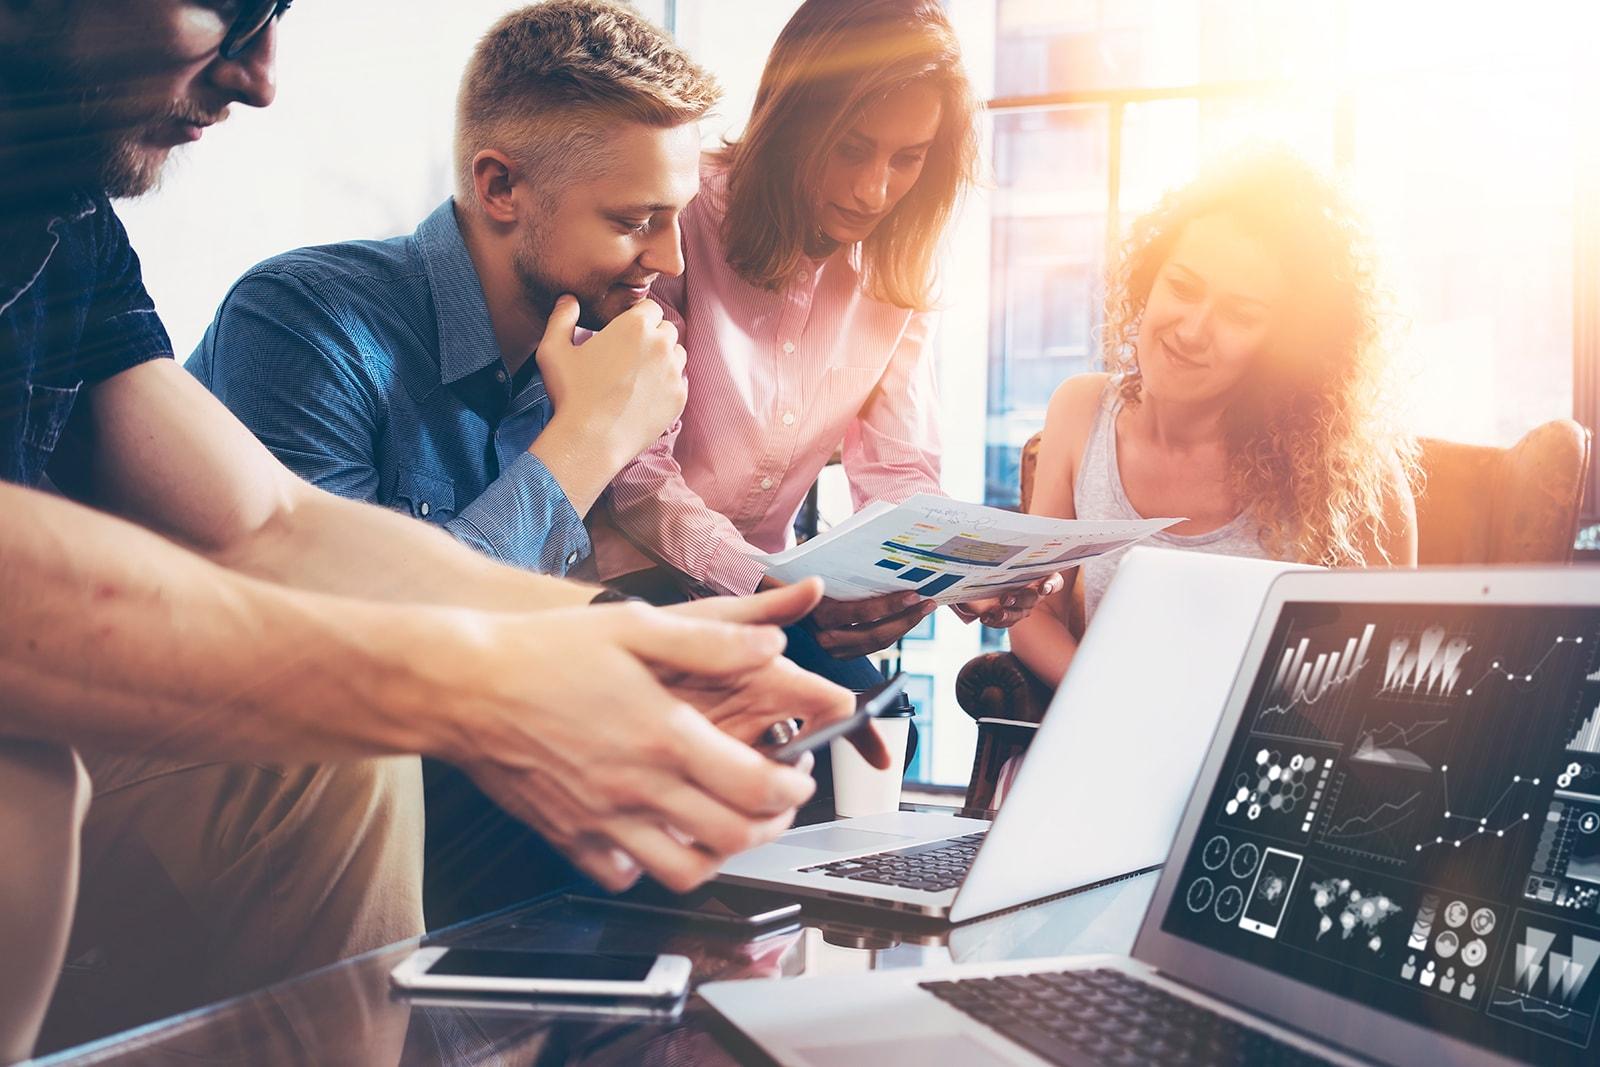 ホームページで企業や店舗の売上げアップに繋げる5つの方法!